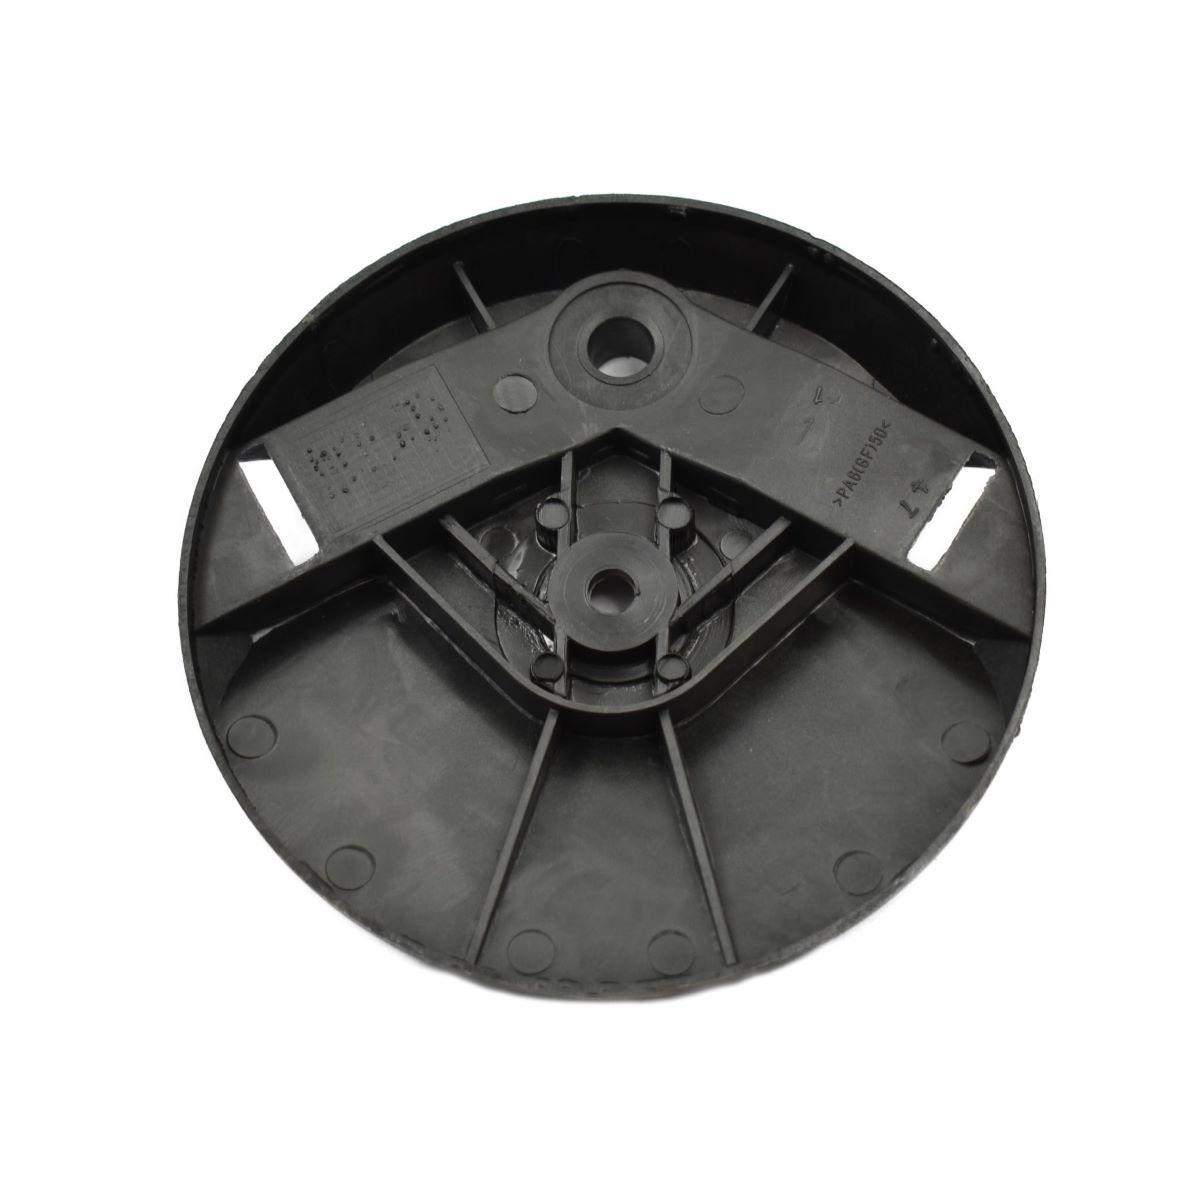 WIEL BESCHERMER ISEKI Origineel onderdeel nummer: 322-600-170/0 322600170/0 Betreft origineel Iseki onderdeel! Afmetingen: Diameter: 155mm